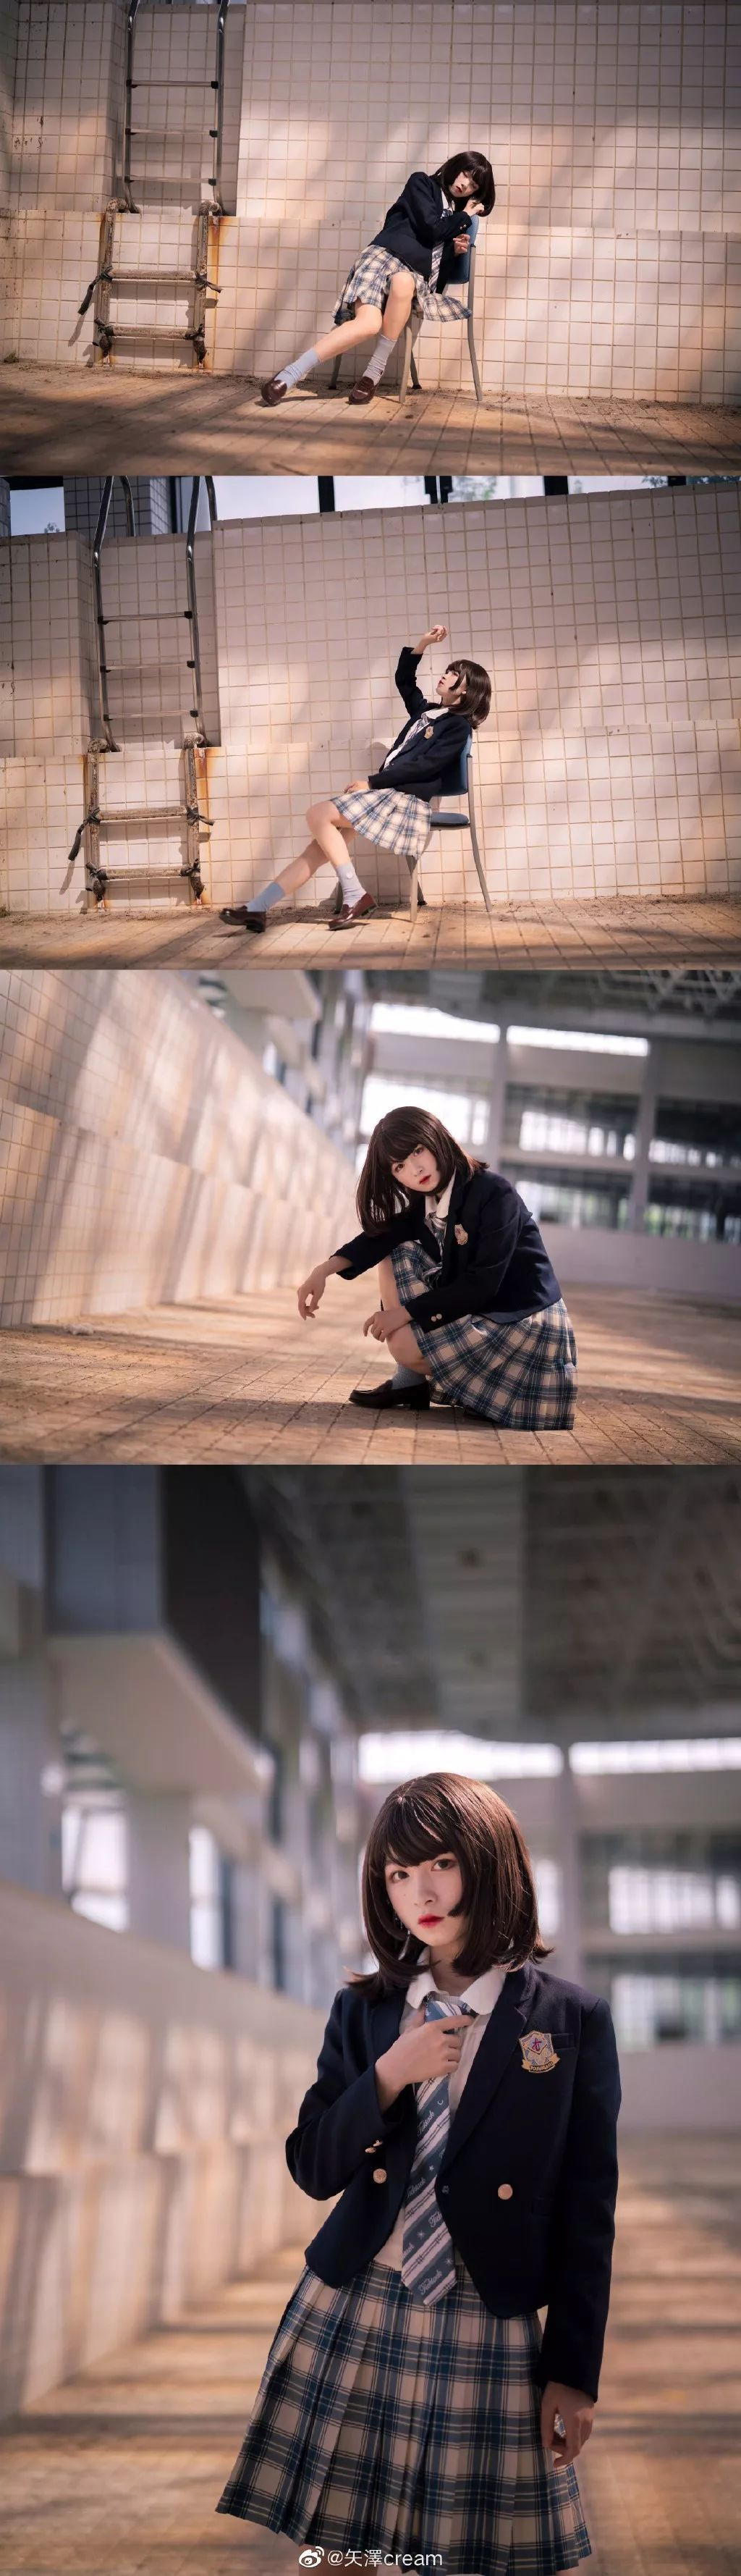 妹子摄影 – 短发jk制服少女 在破旧的教学室和一张椅子演绎颓废之美_图片 No.6